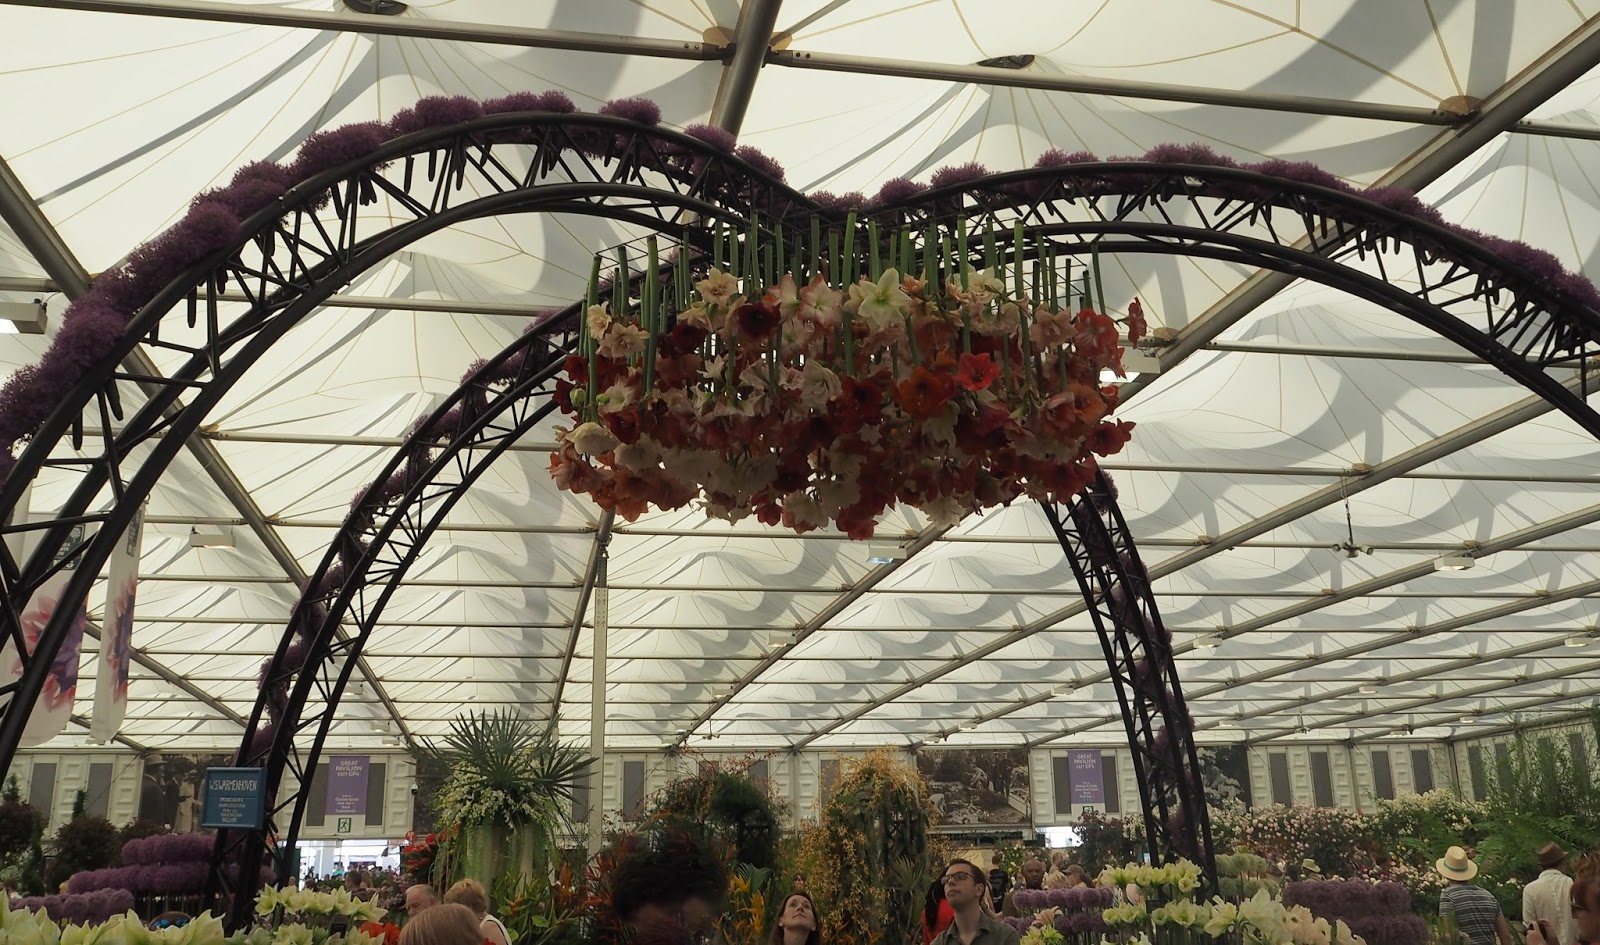 Chelsea Flower Show, floral pavillion